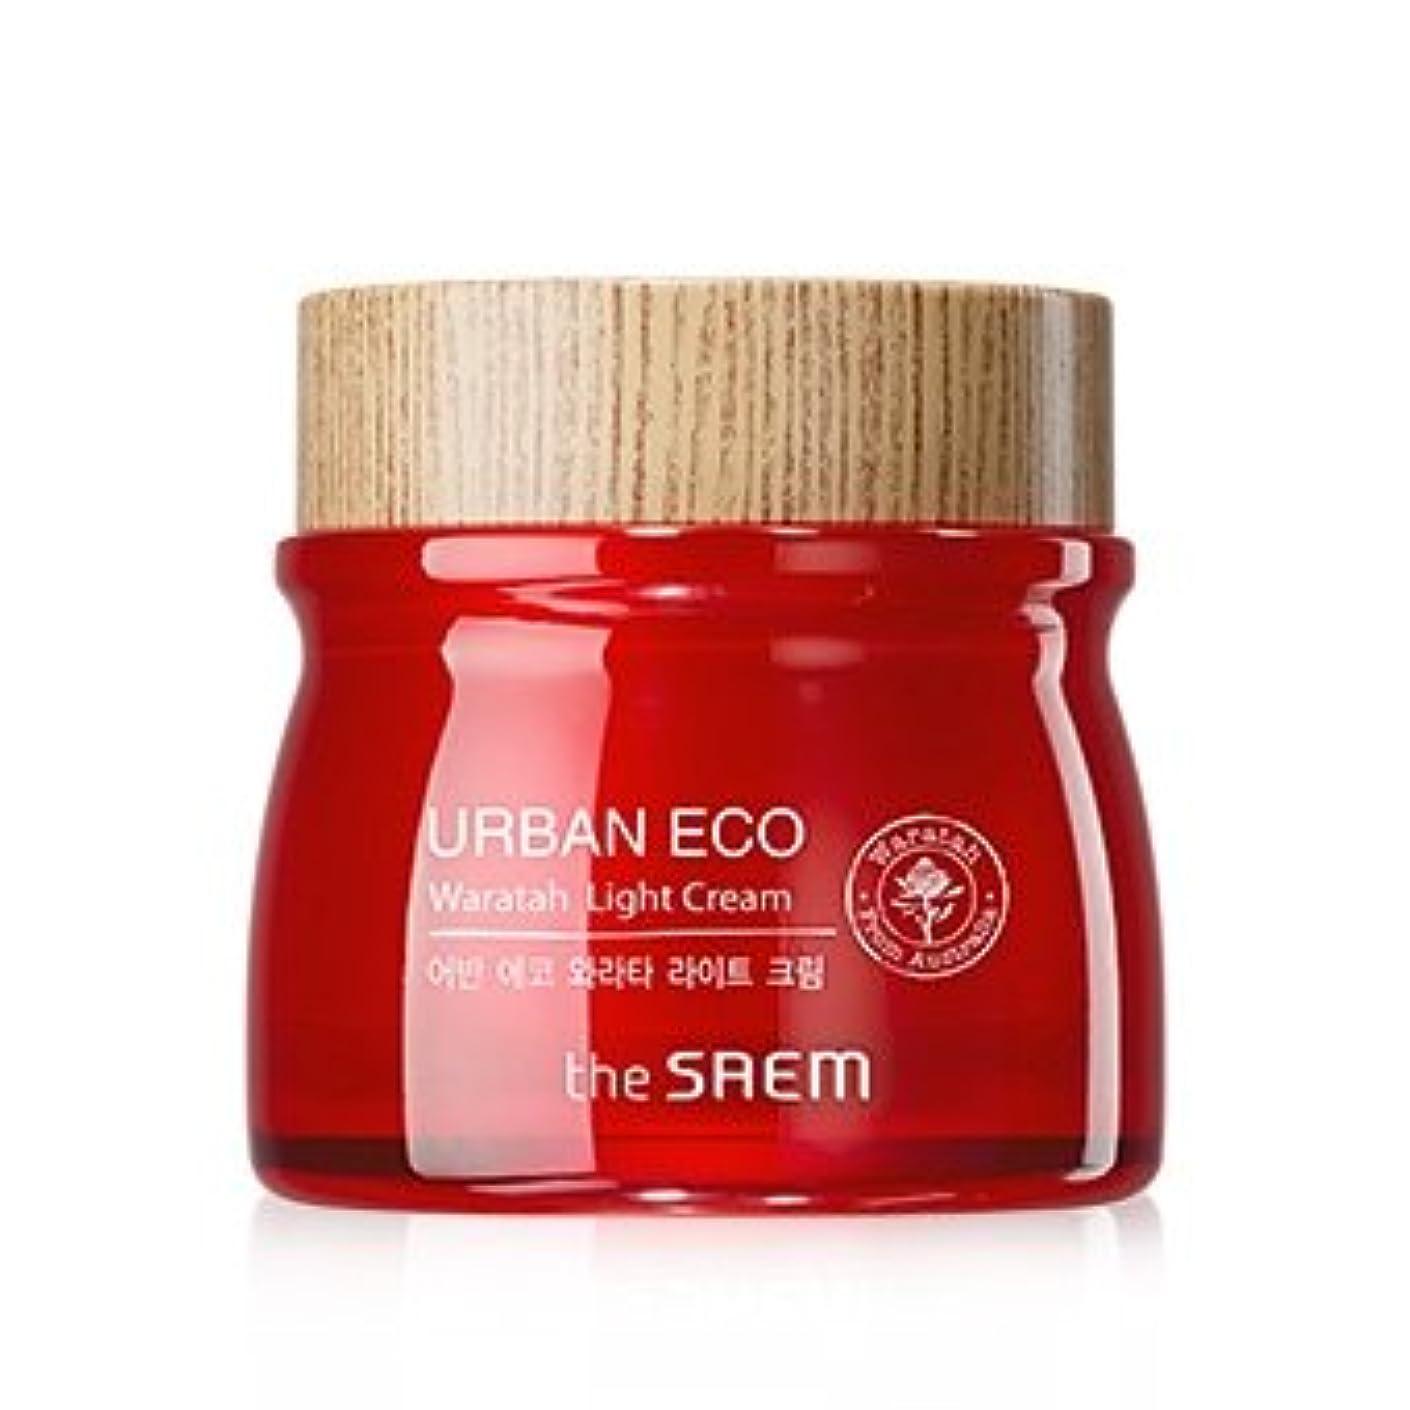 事業内容実質的ホストThe Saem Urban Eco Waratah Light Cream 60ml ドセム アーバンエコワラターライトクリーム60ml[並行輸入品]